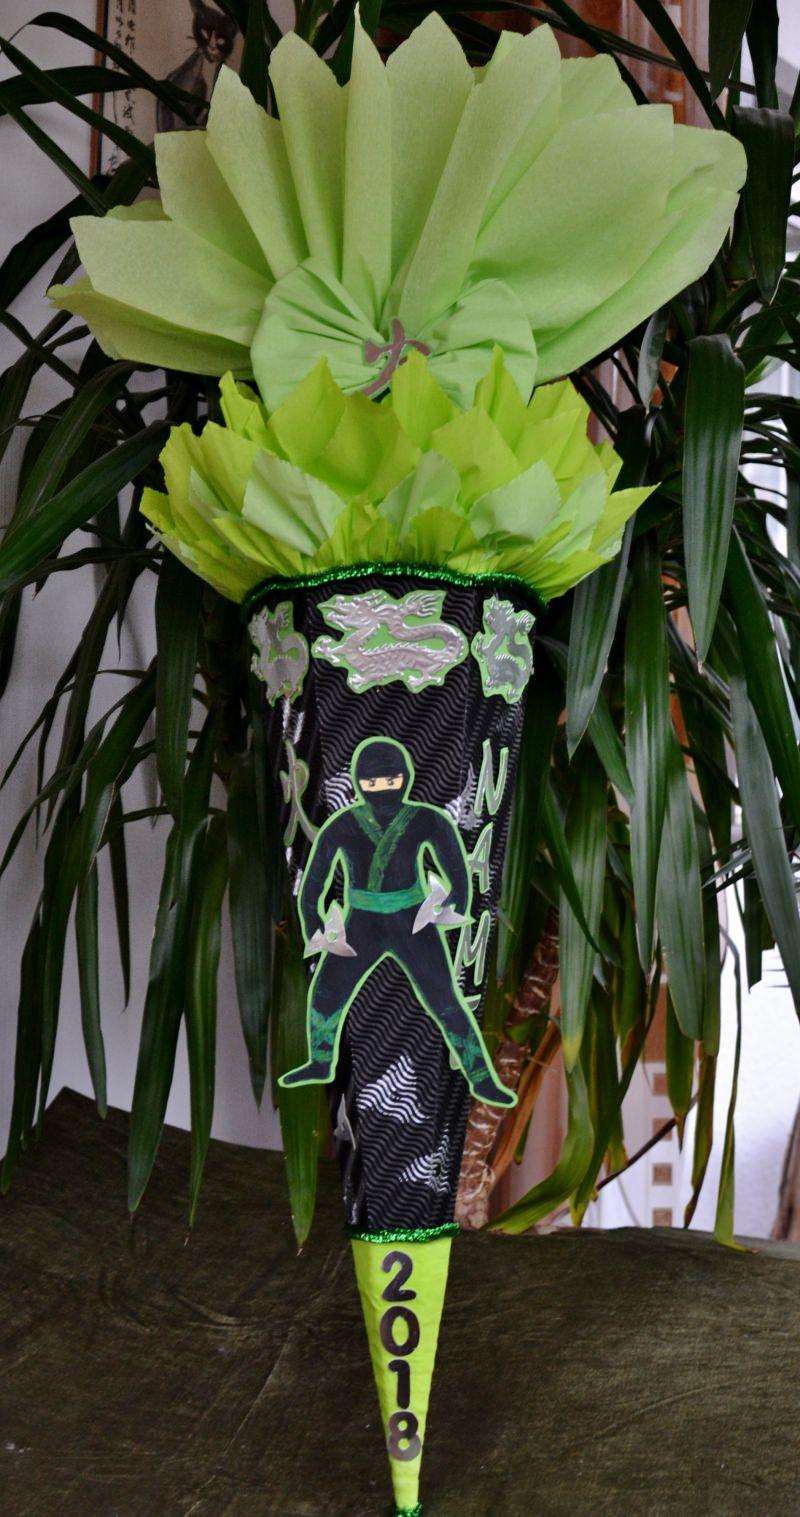 - Schultüte Zuckertüte Ninja für Jungs  Drache  (Kopie id: 24972) - Schultüte Zuckertüte Ninja für Jungs  Drache  (Kopie id: 24972)